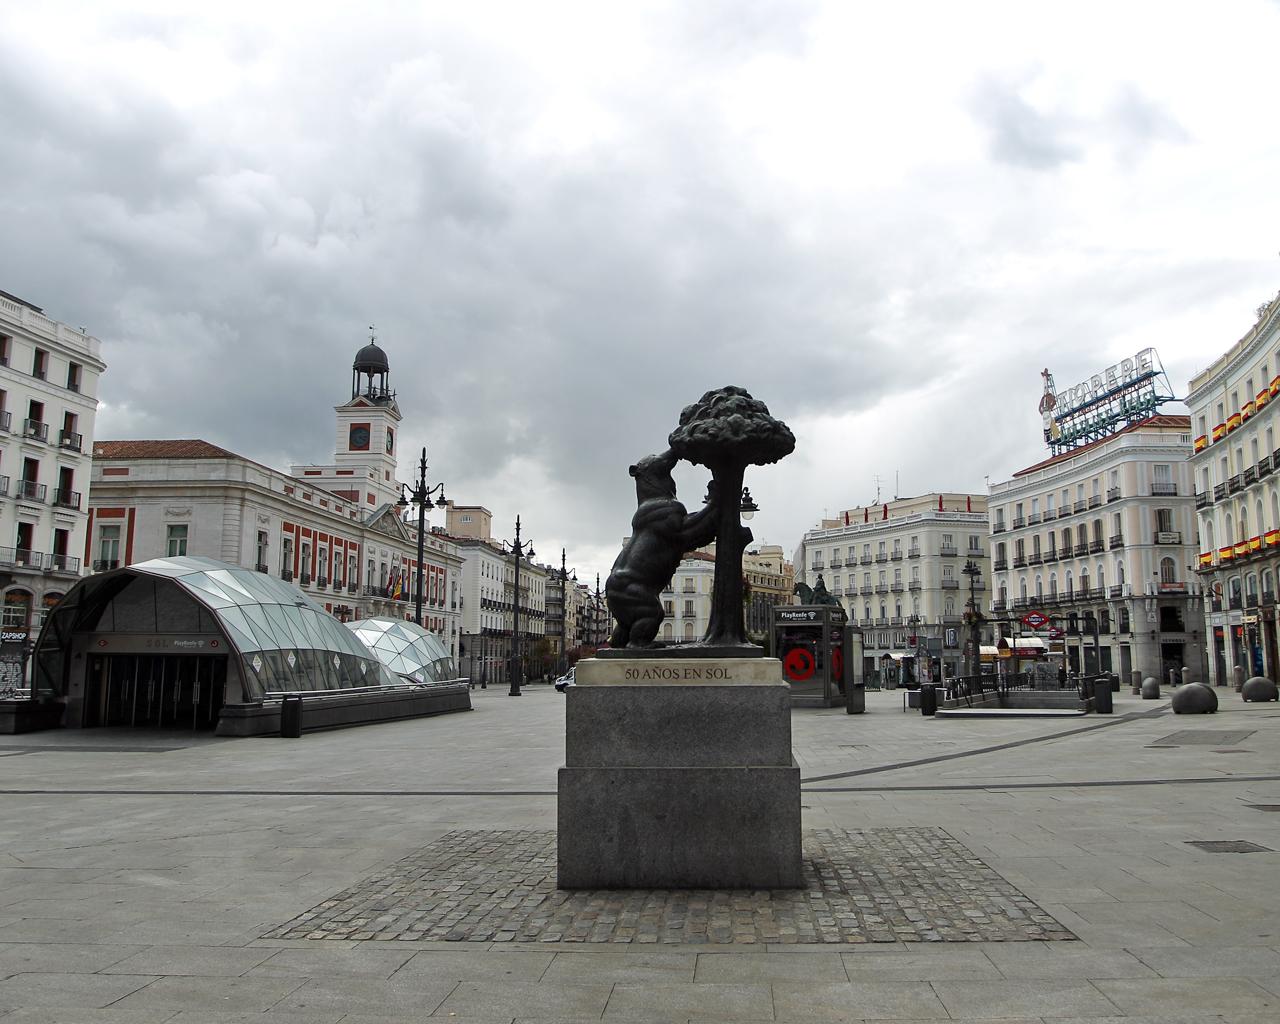 Puerta del Sol. Madrid. 04/04/2020.